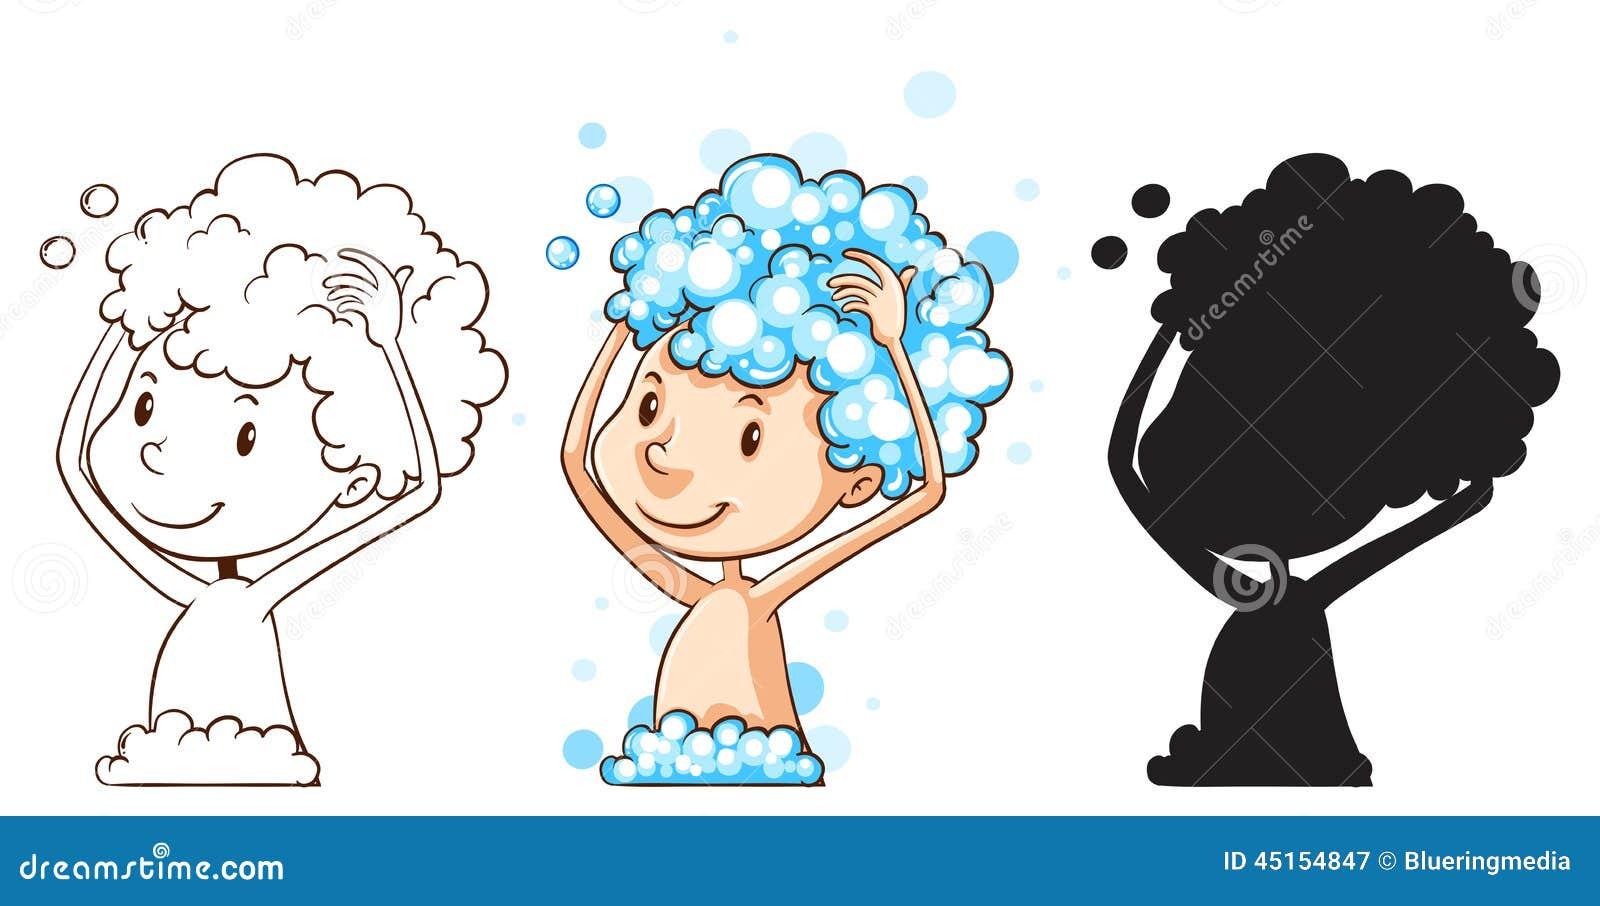 White Washed Black Kids